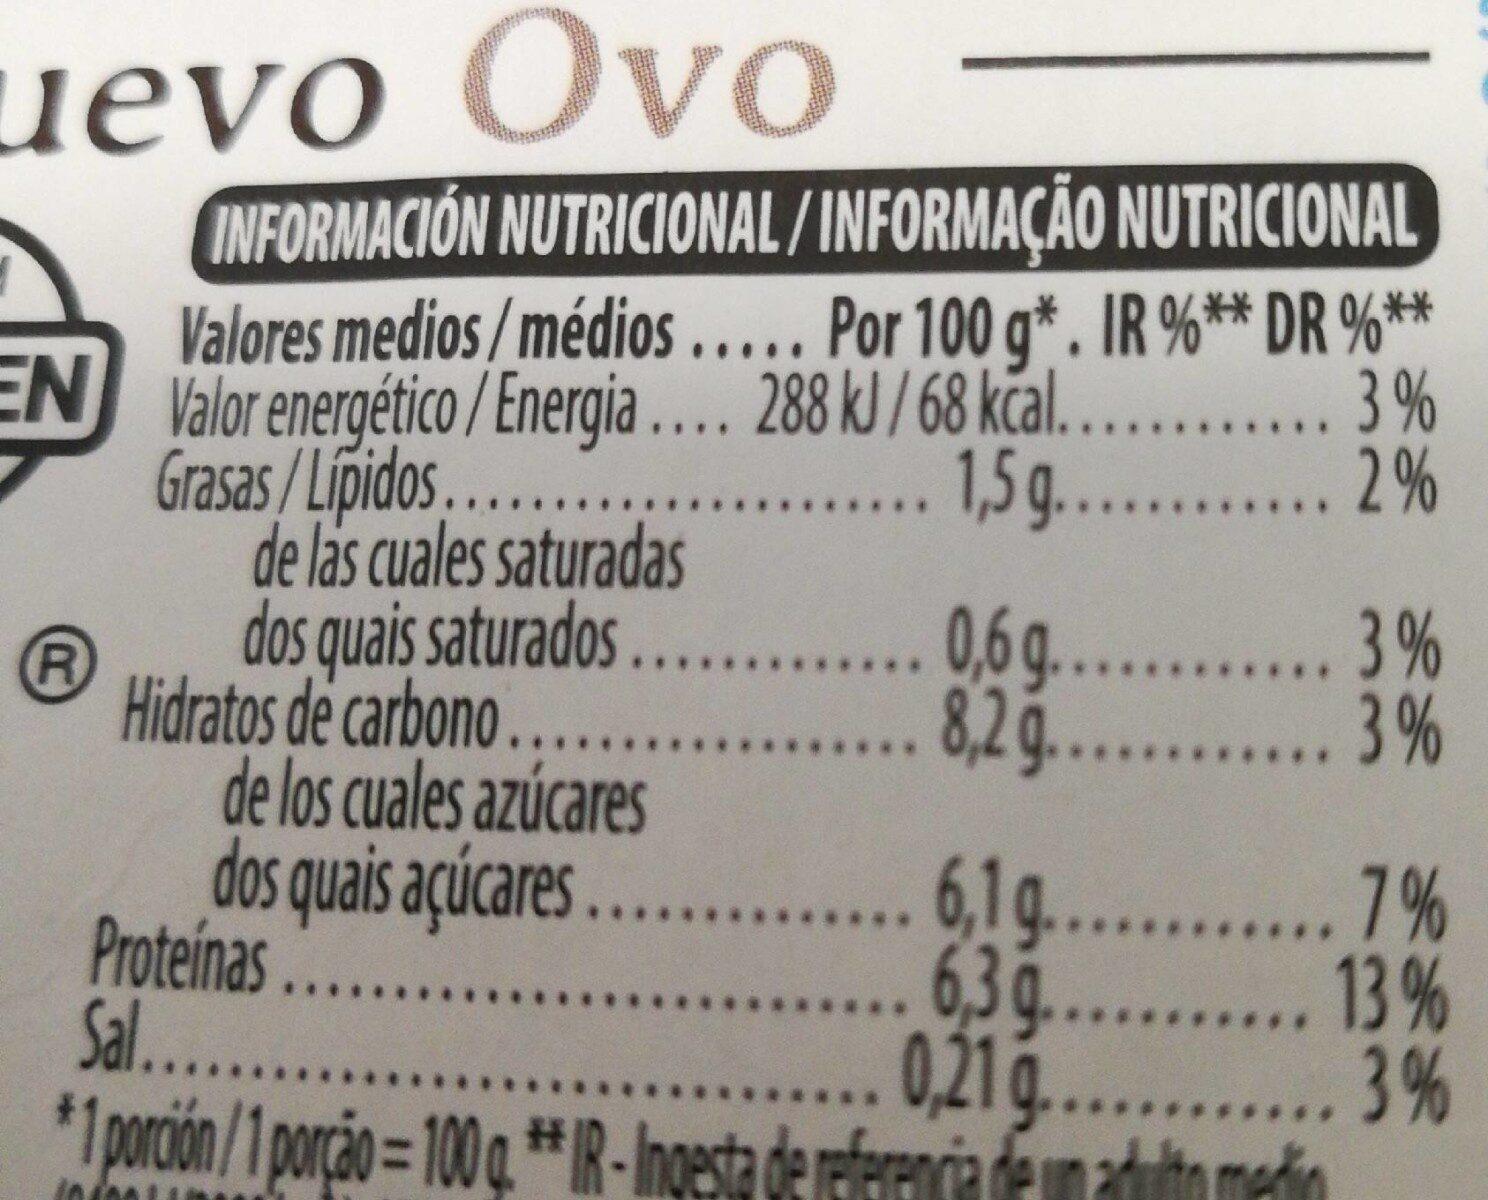 Flan de huevo - Información nutricional